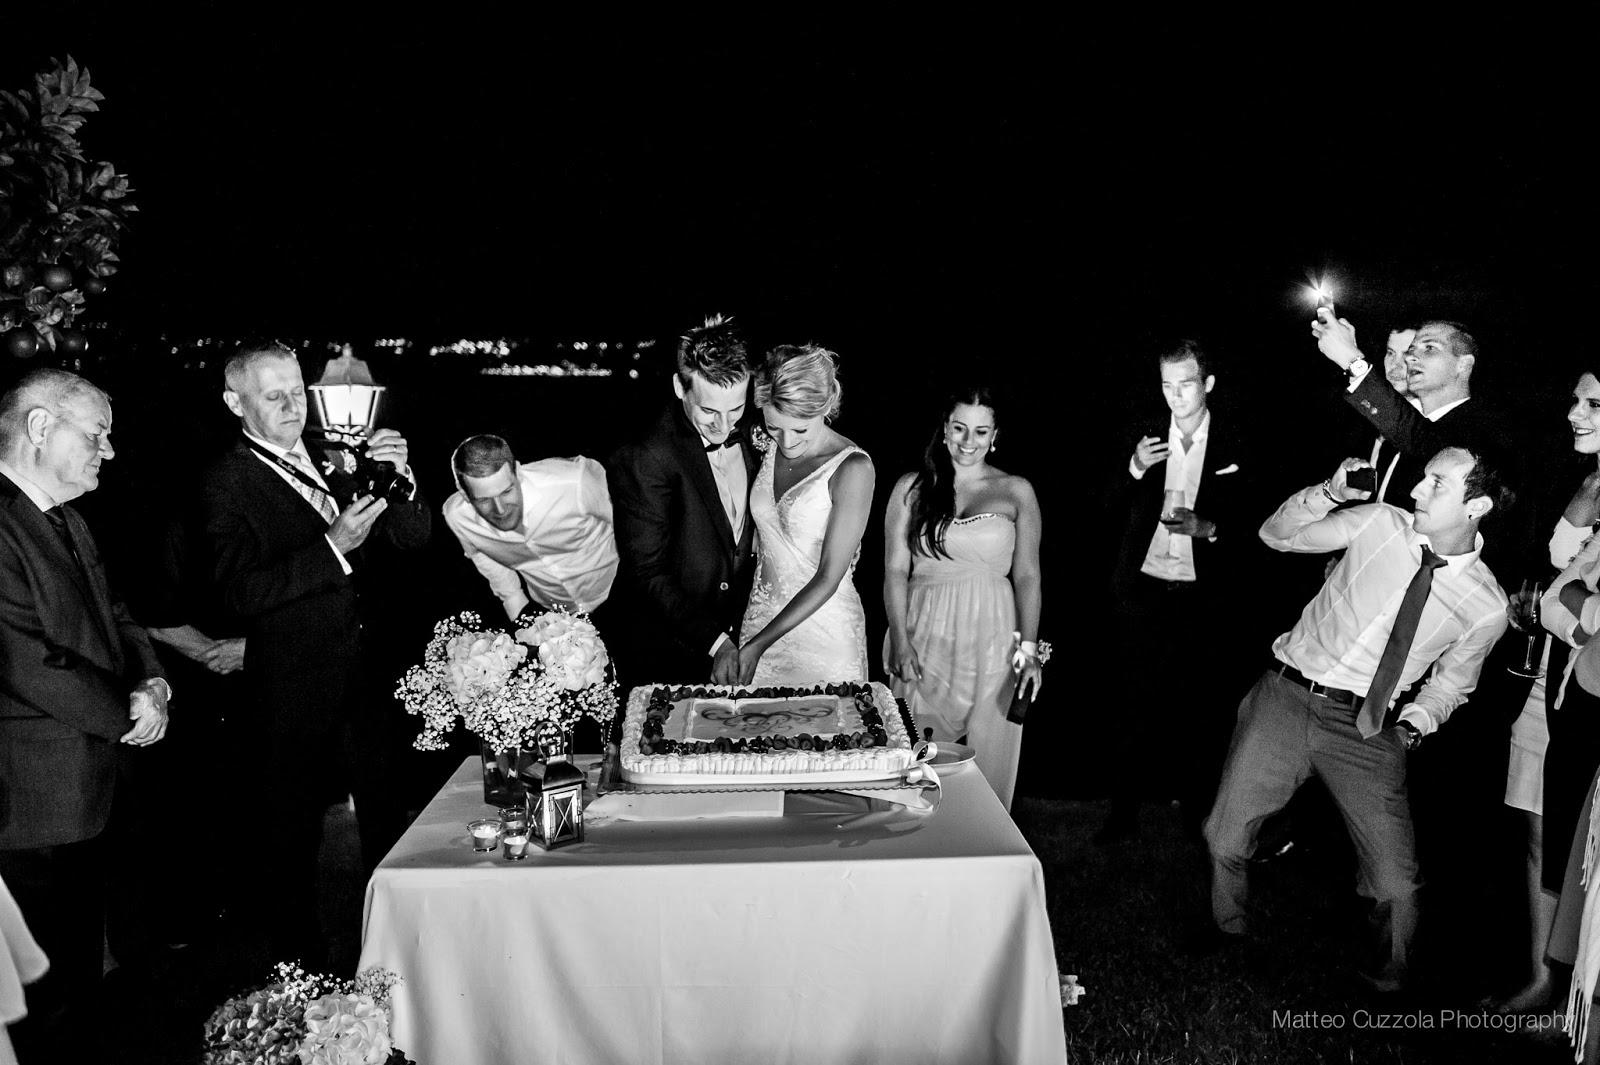 Il taglio della torta, matrimonio in Italia